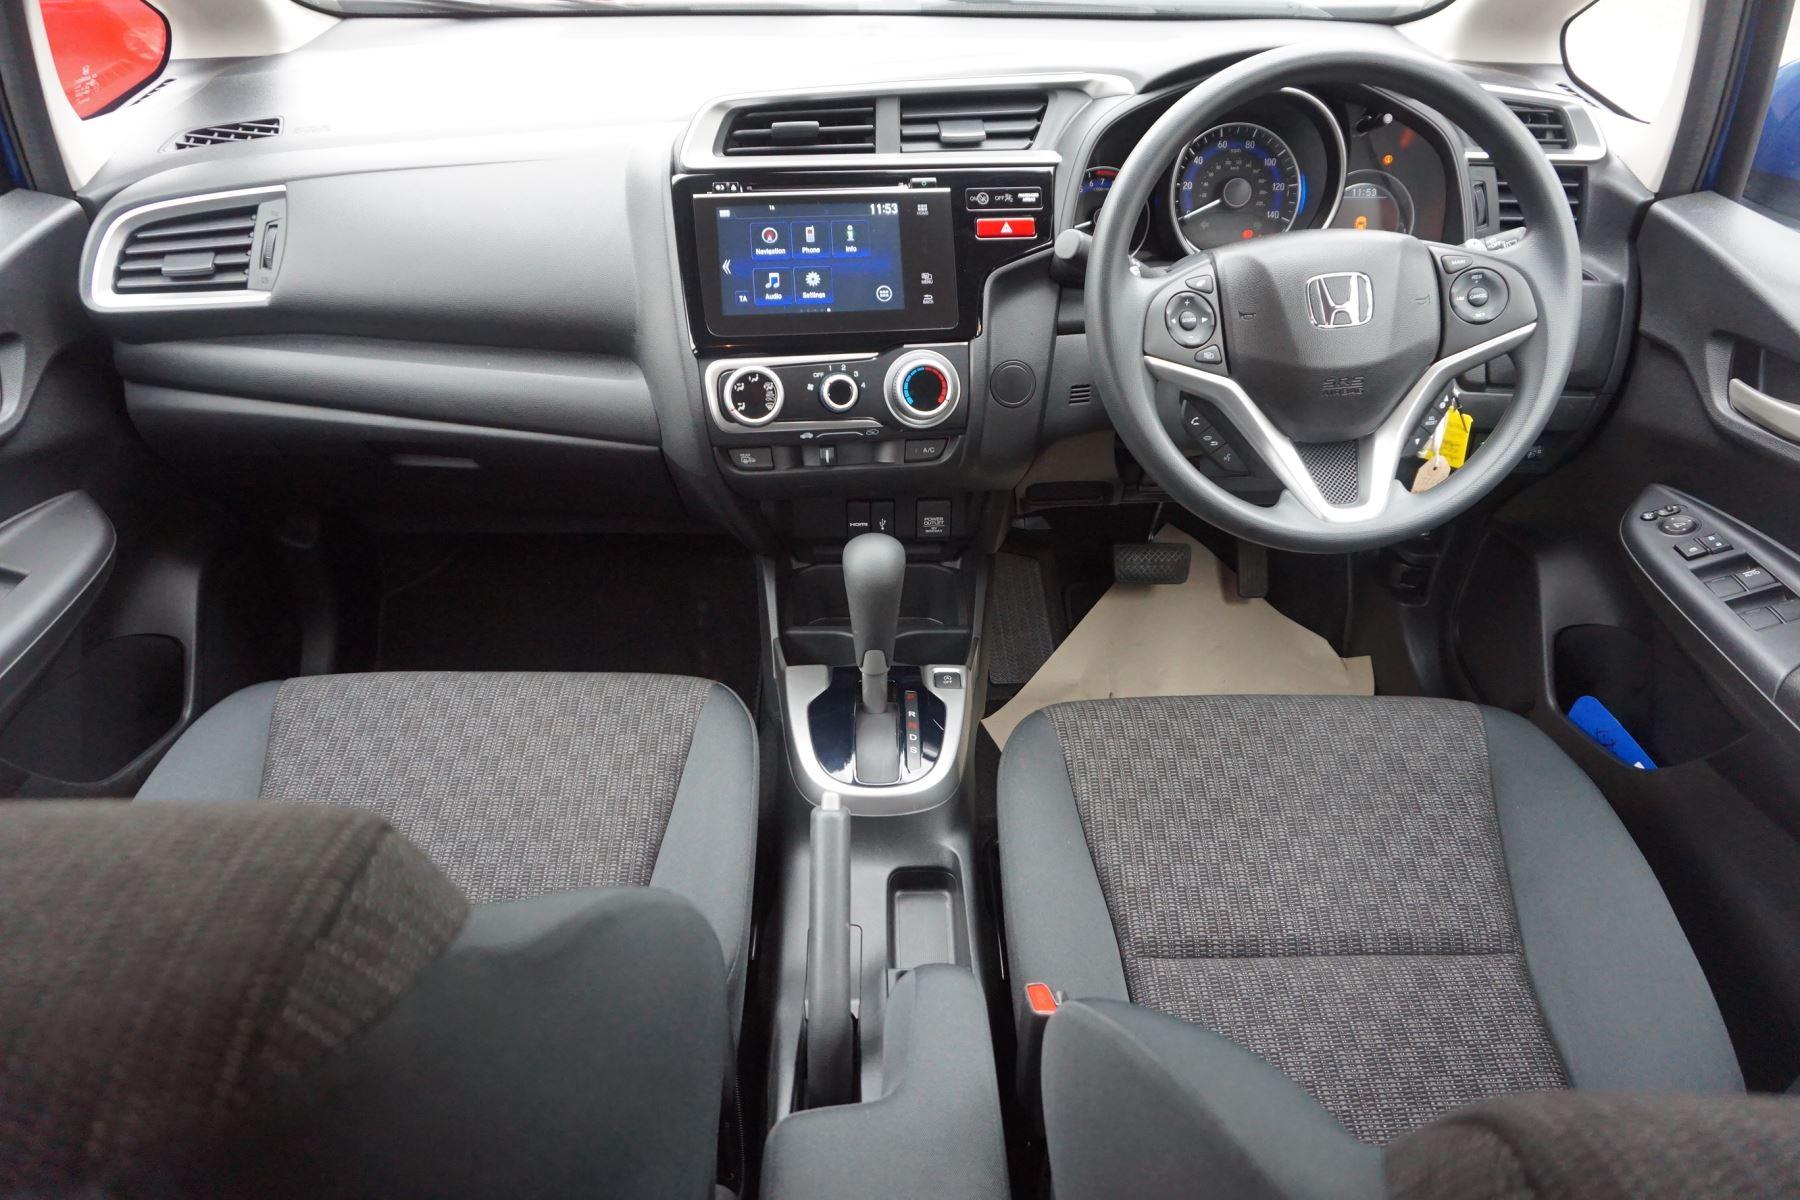 Honda Jazz 1.3 SE Navi CVT image 12